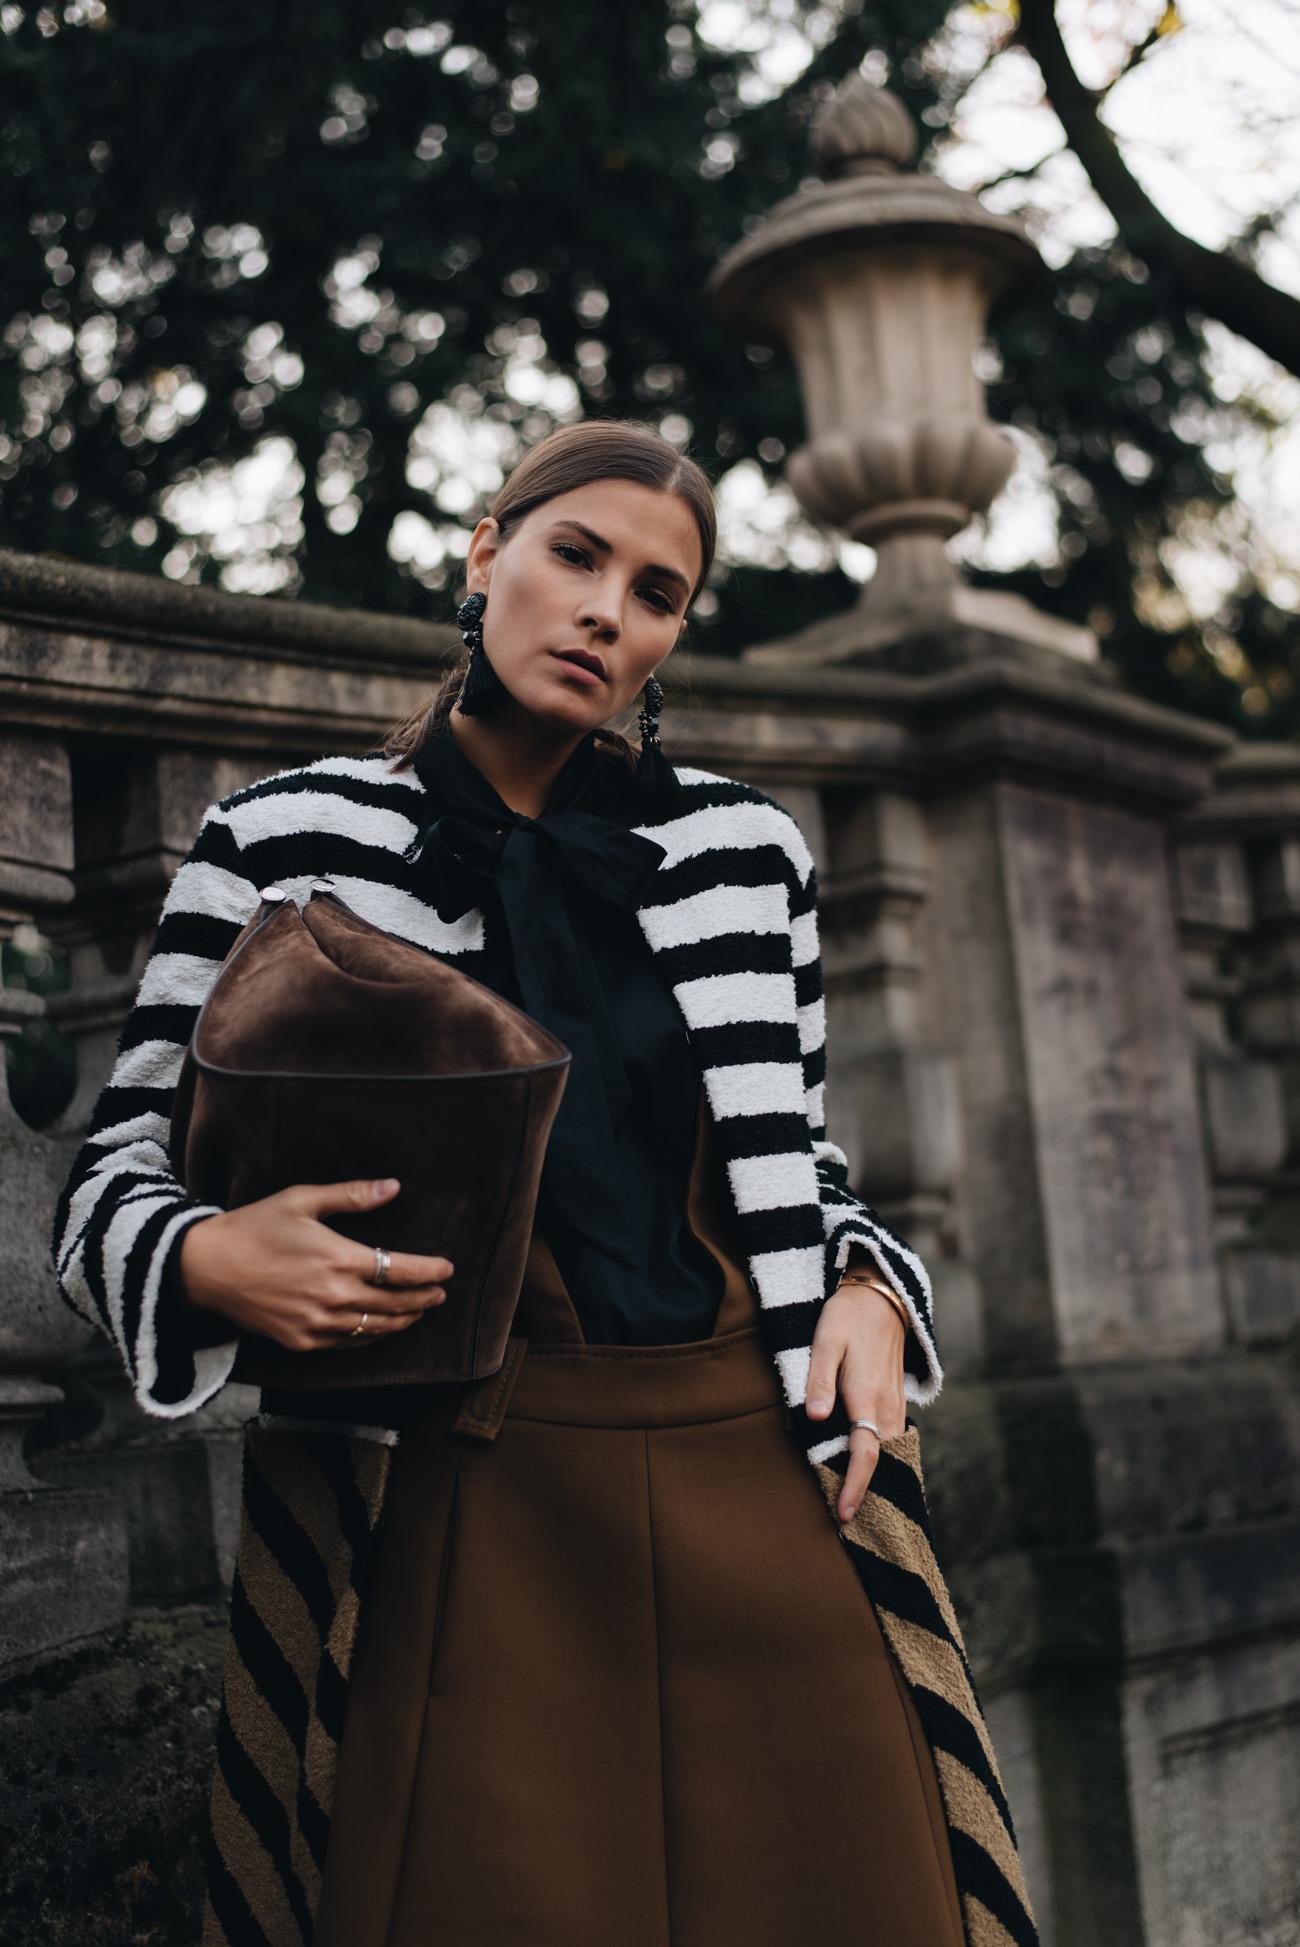 Sonia-Rykiel-Kurzmantel-gesteift-schwarz-weiß-best-secret-fashionportal-nina-schwichtenberg-fashion-bloggeirn-modebloggerin-deutschland-münchen-fashiioncarpet